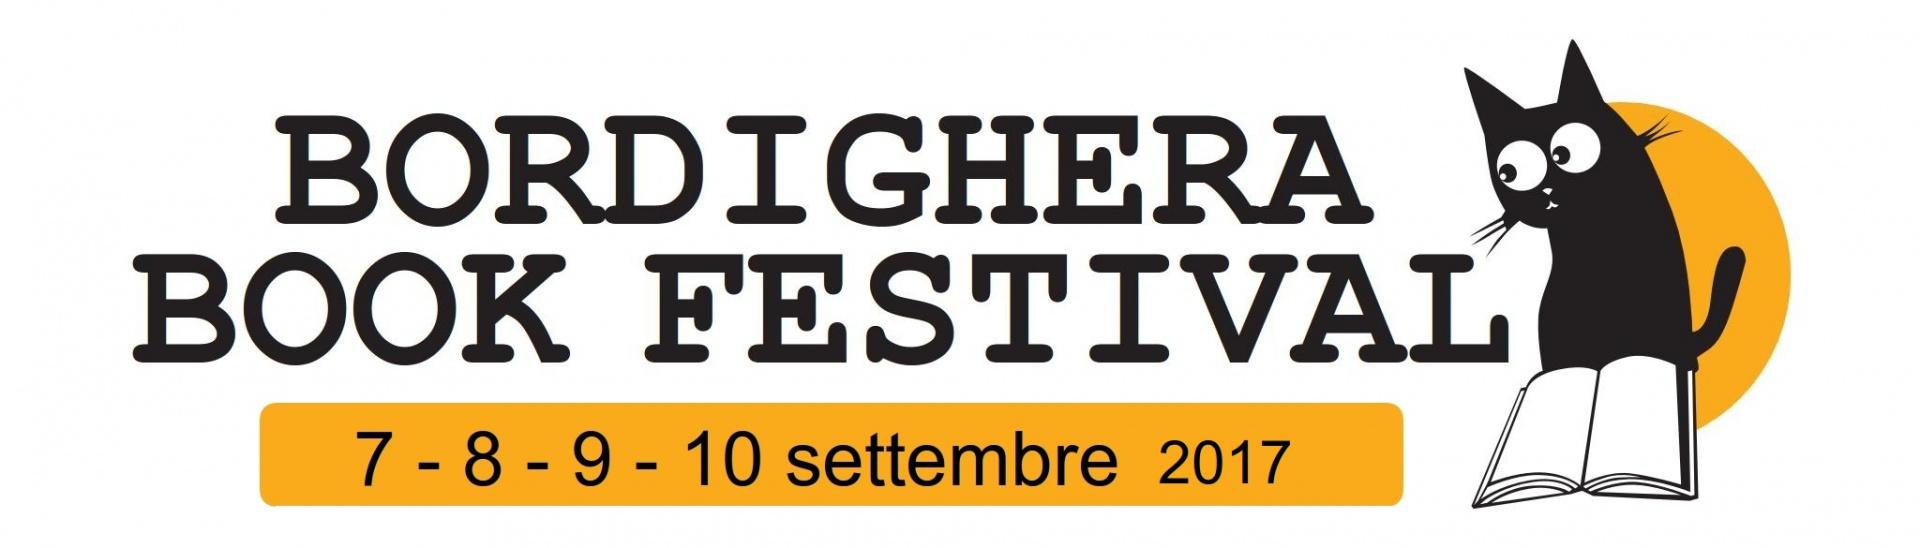 Bordighera Book Festival 7-8-9-10 settembre 2017